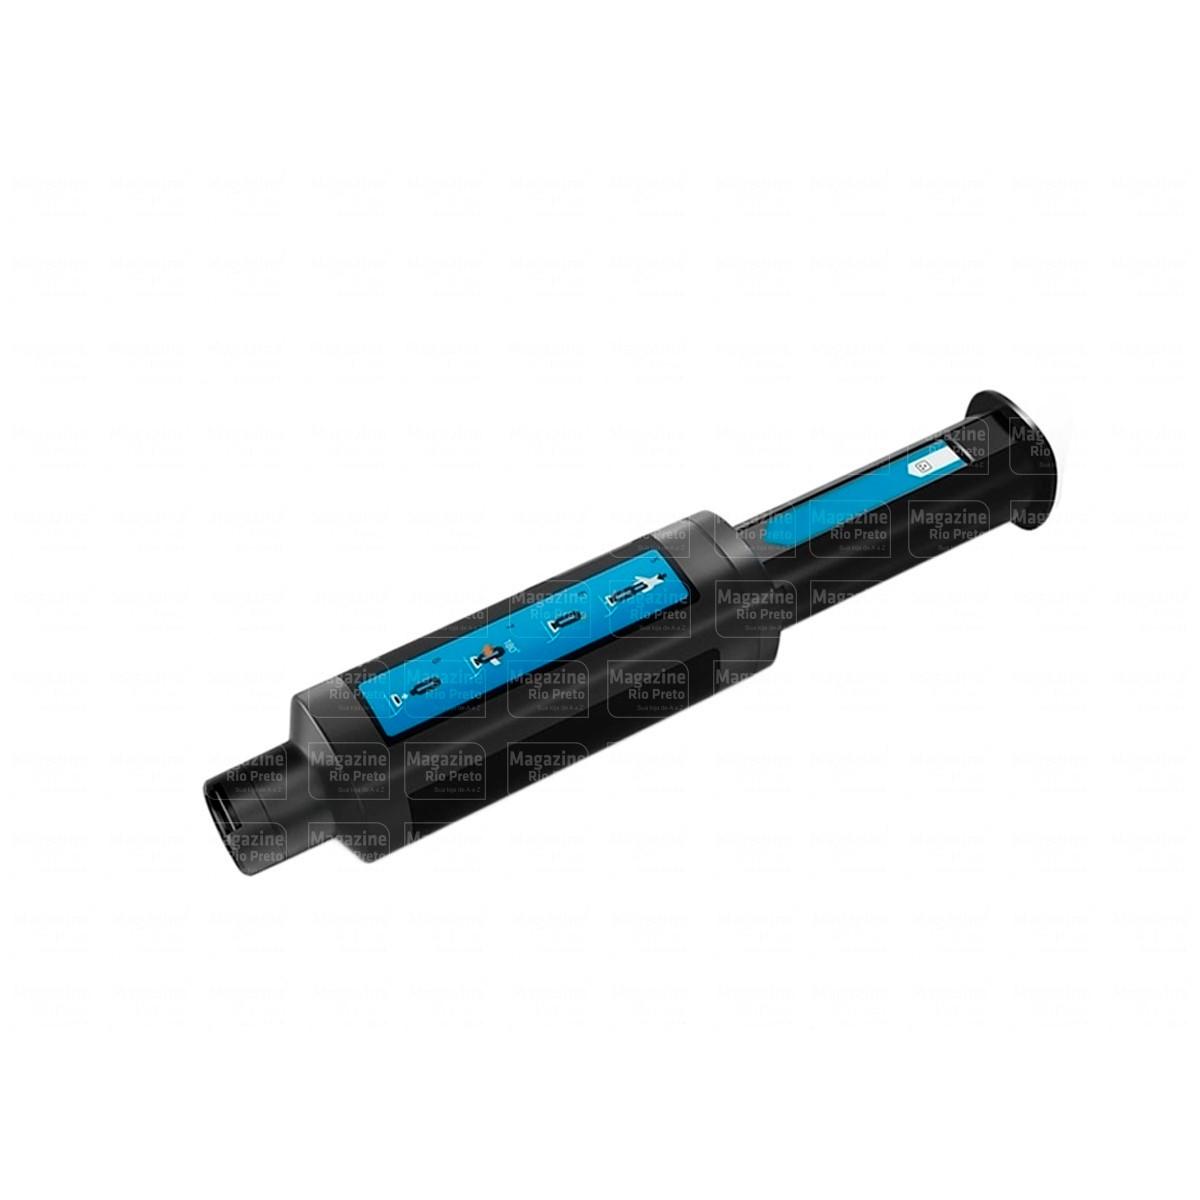 Toner Compatível com HP 103A | Neverstop Laser 1200A 1200W 100A 1000W Premium Quality 2.5K